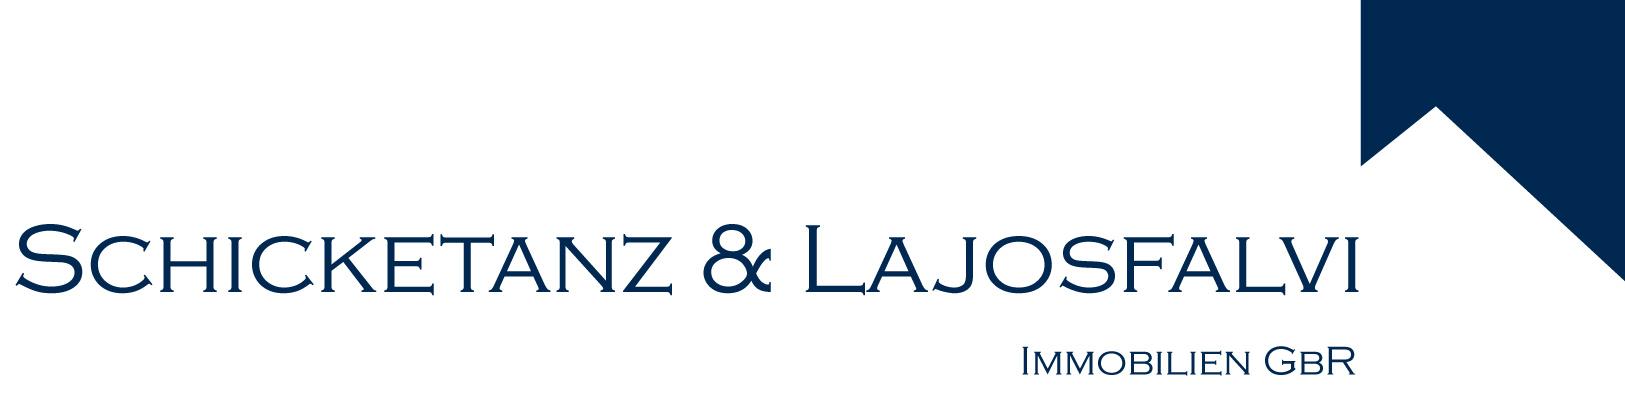 Hier sehen Sie das Logo von Schicketanz & Lajosfalvi GbR